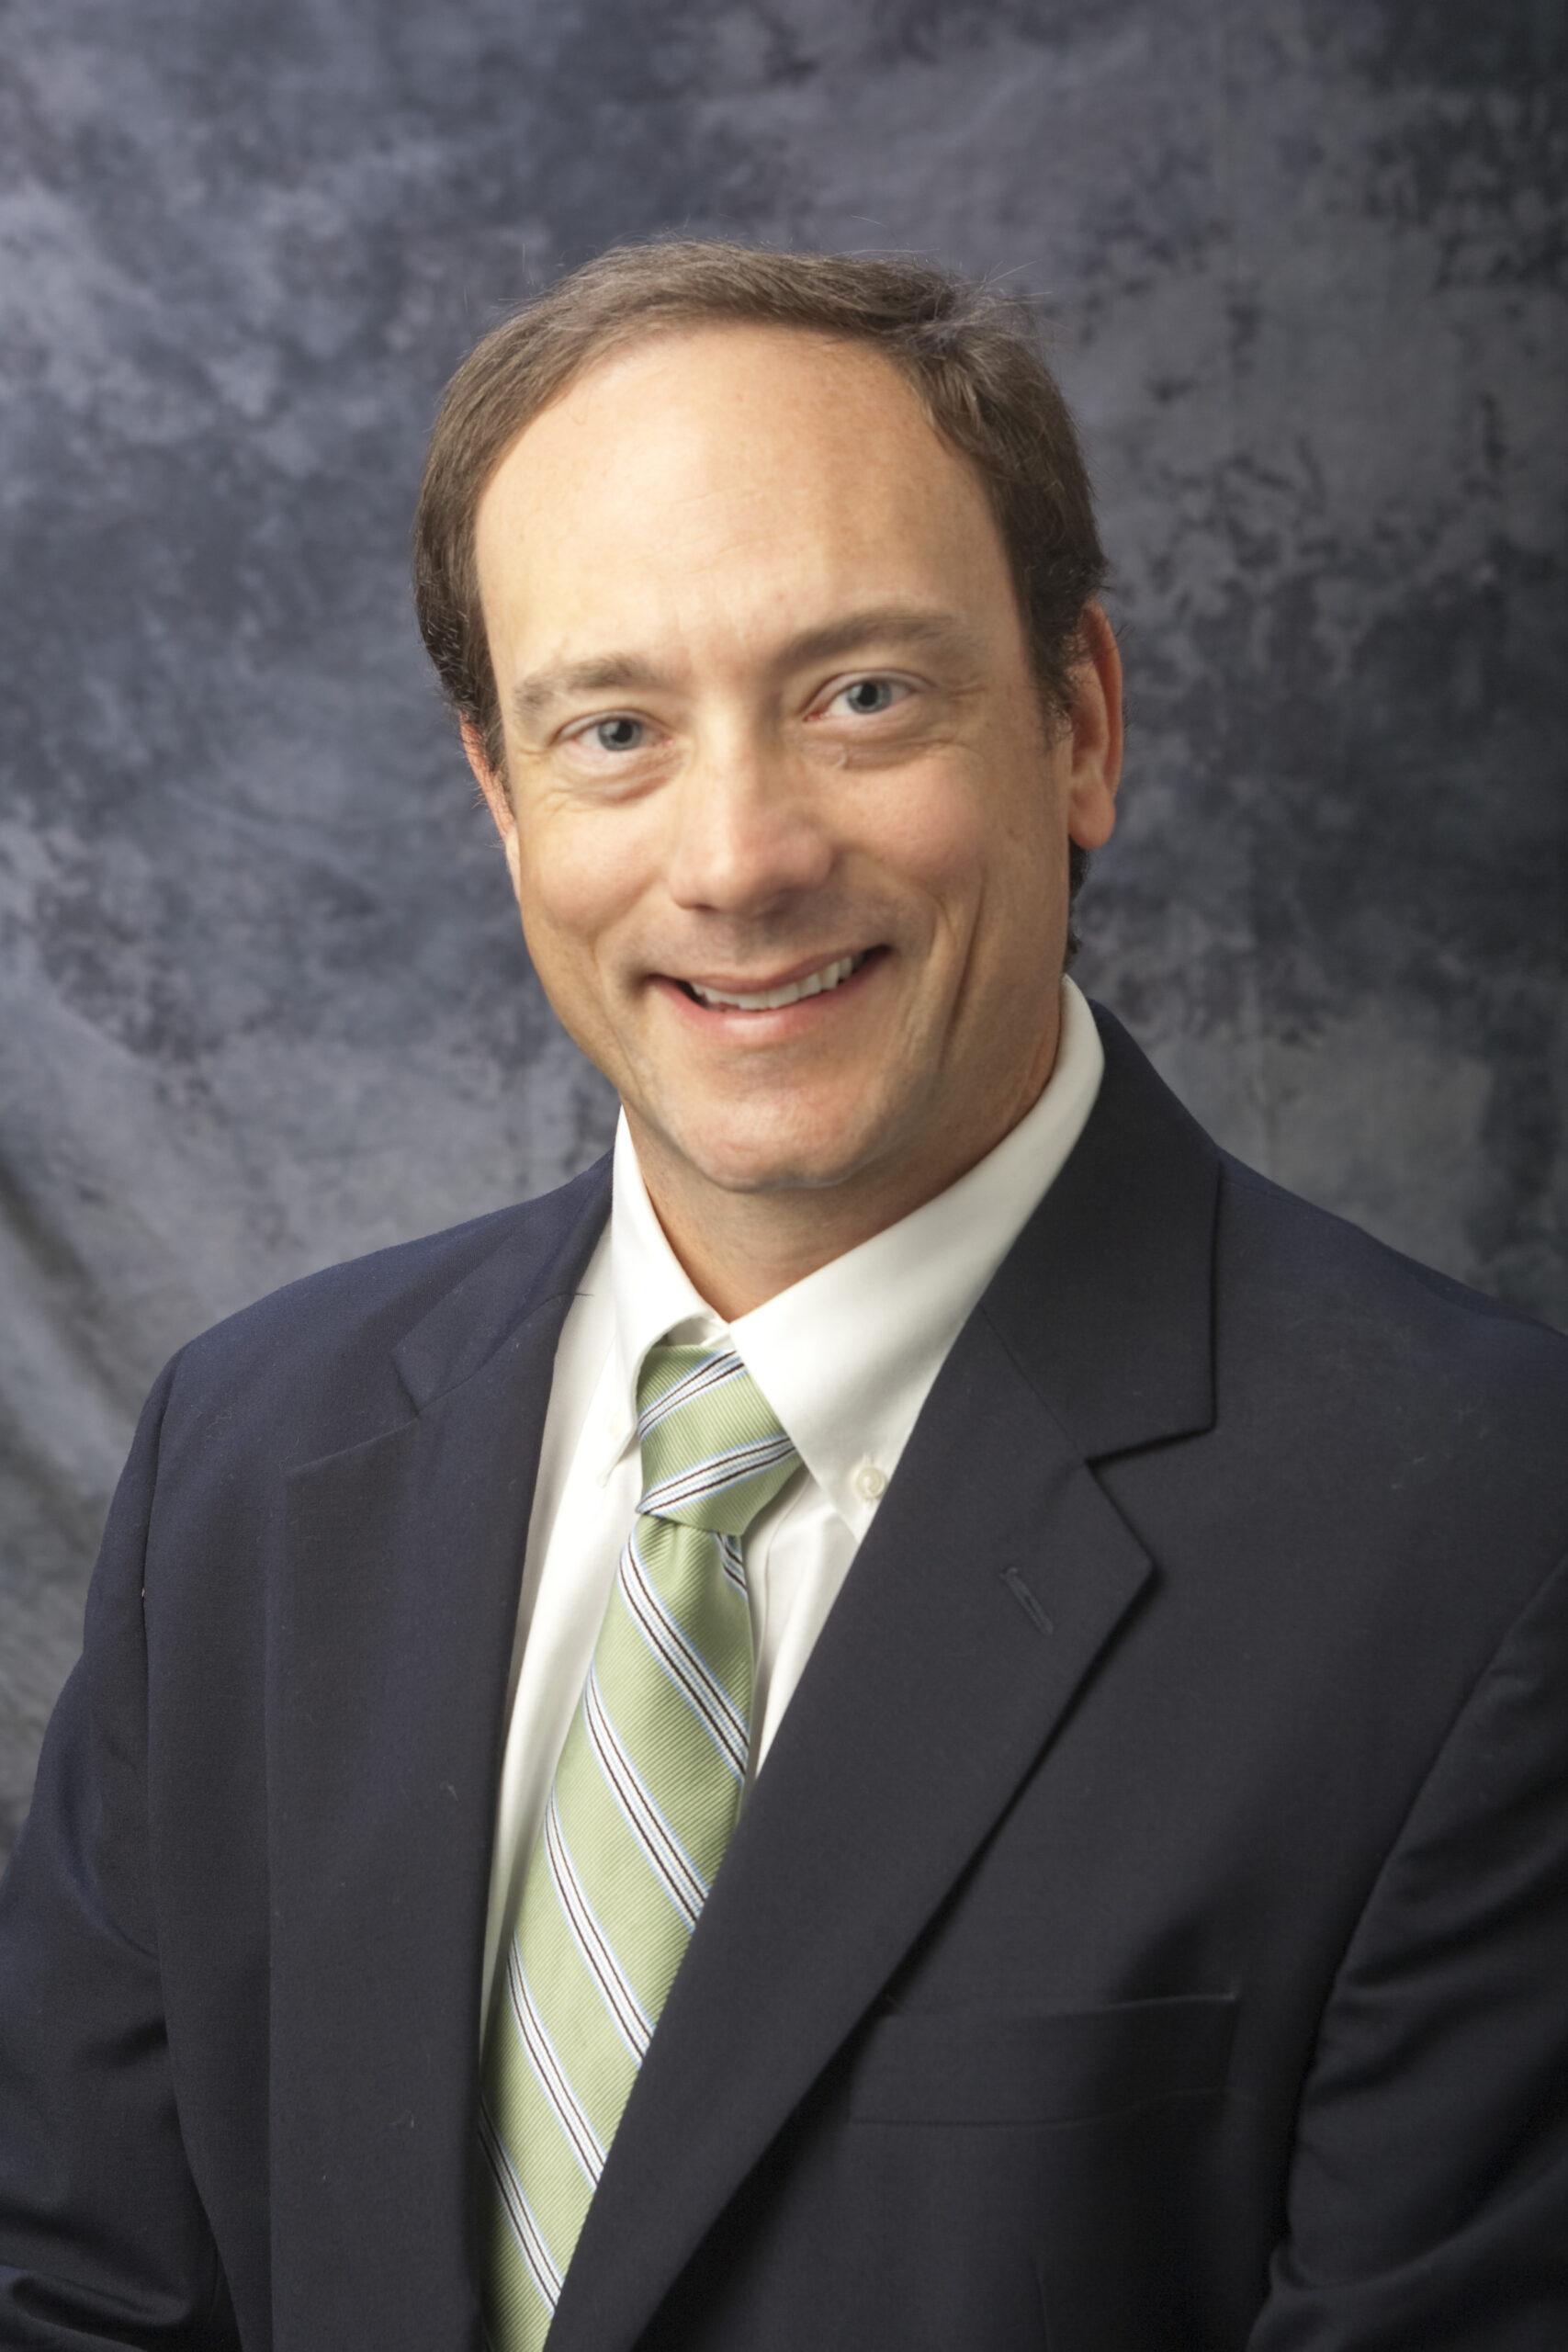 Brian E. Dix, MD